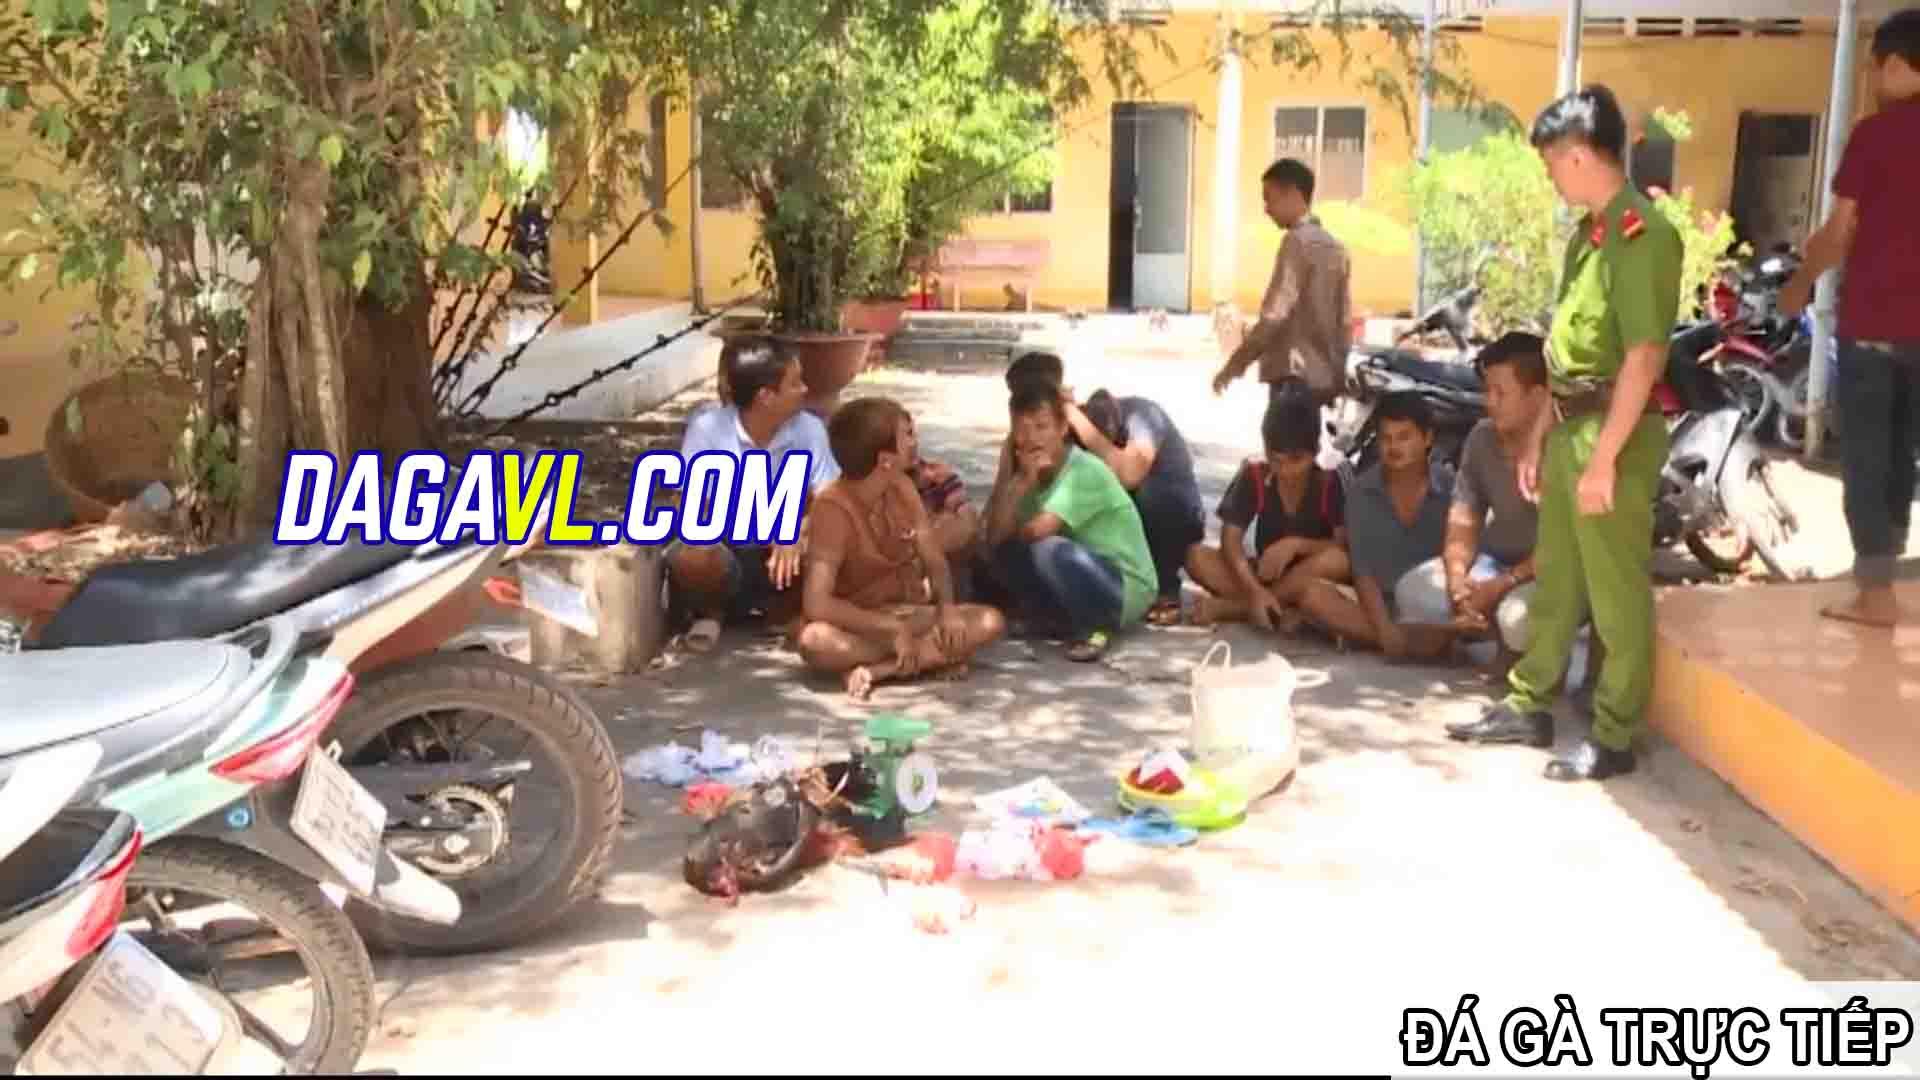 DAGAVL.COM - đá gà trực tiếp. Bắt 10 đối tượng đá gà ăn tiền tại Thạnh Phú